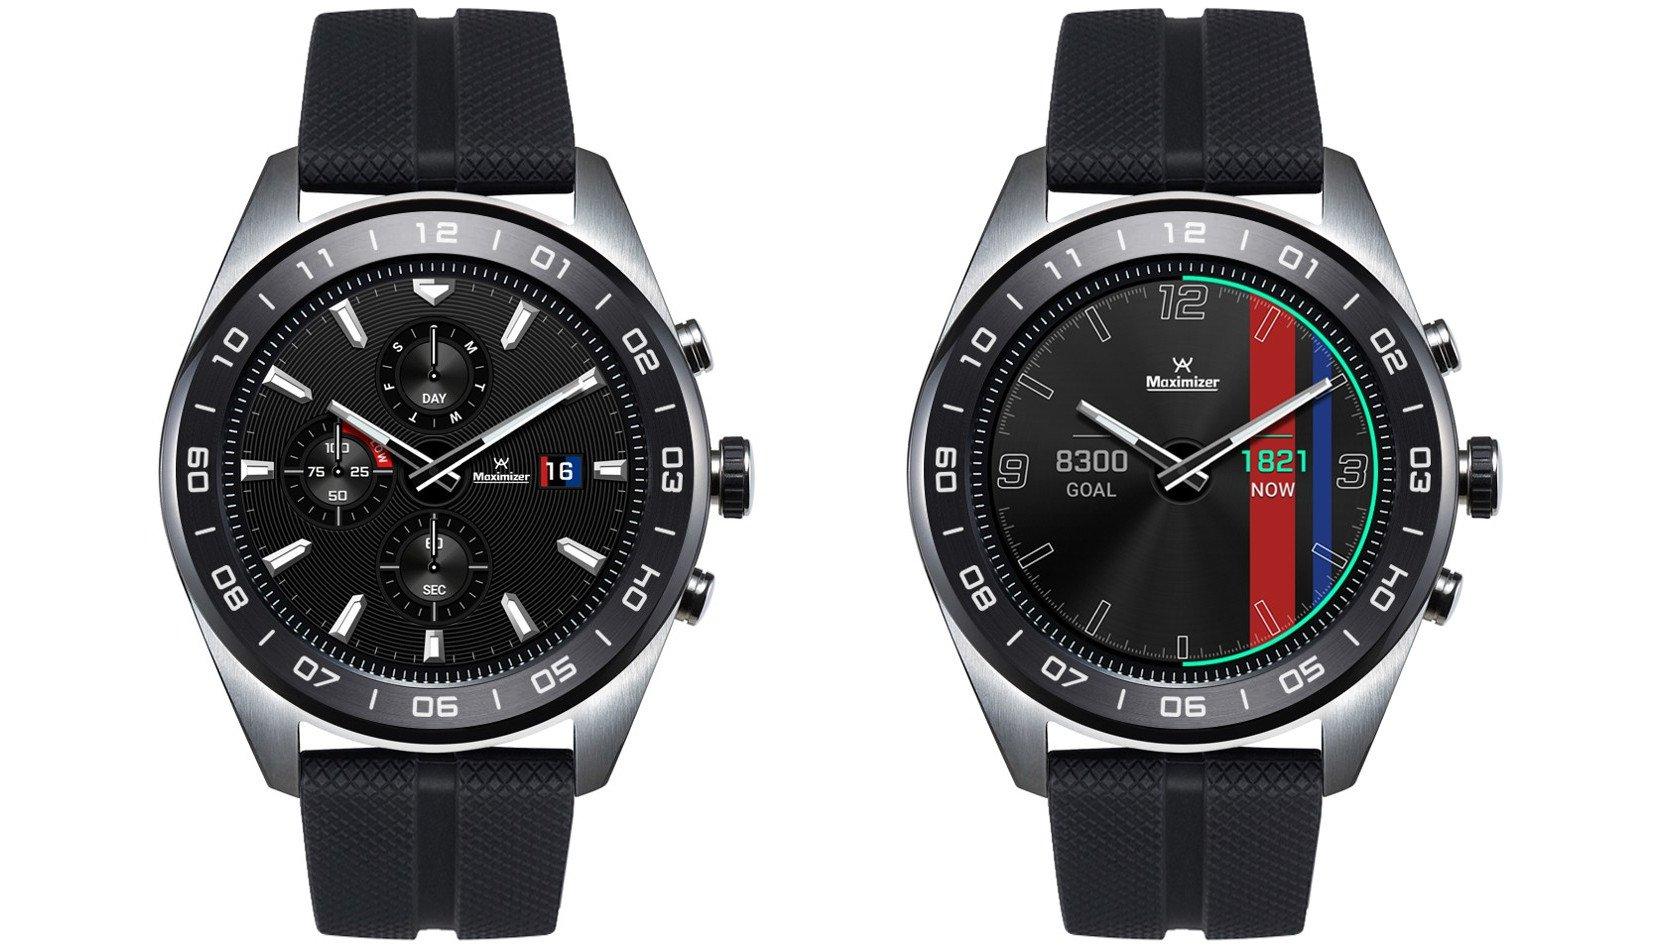 Die Smartwatch LG Watch W7 bietet smarte Funktionen auf den Ziffernblättern, aber klassische Zeiger mit einem Quartzwerk (Bilder: LG)